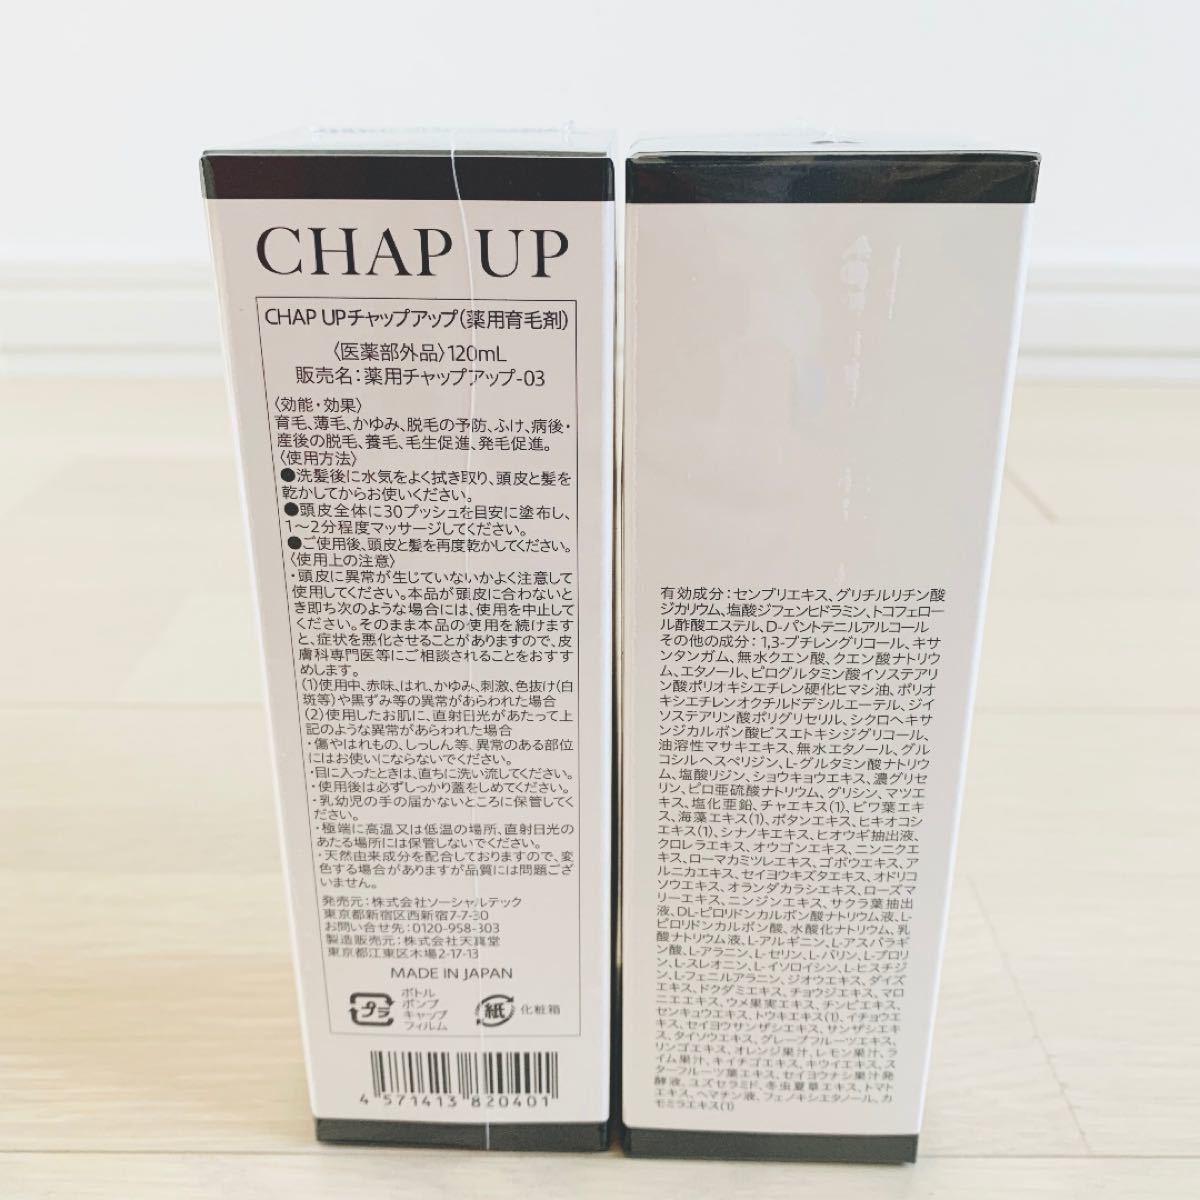 CHAP UP  チャップアップ育毛剤 育毛ローション 120ml  2本セット